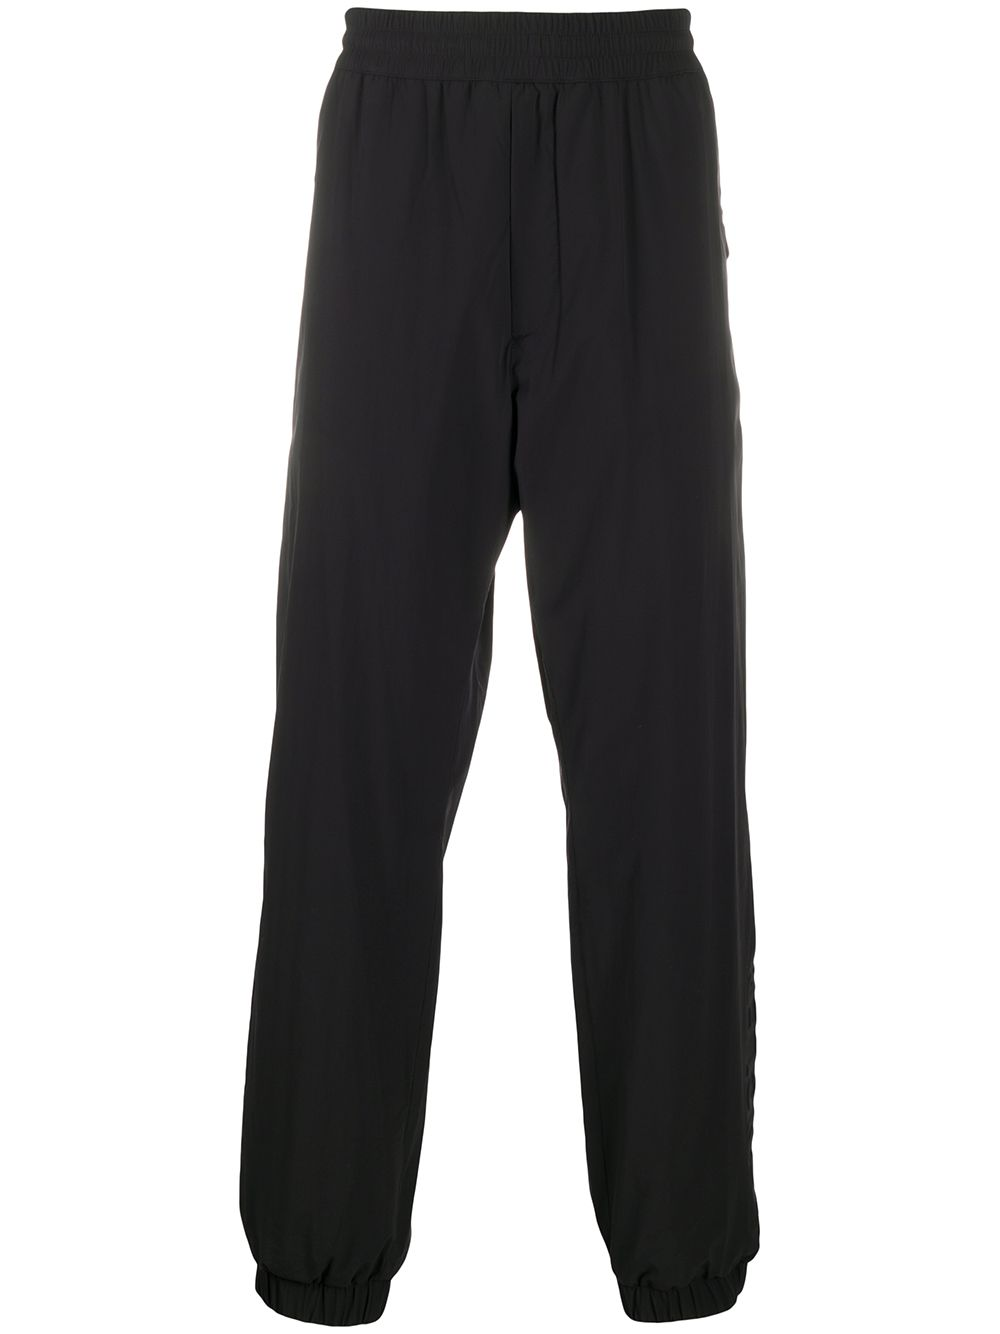 Moncler Grenoble Sporthose mit elastischen Bündchen - Schwarz